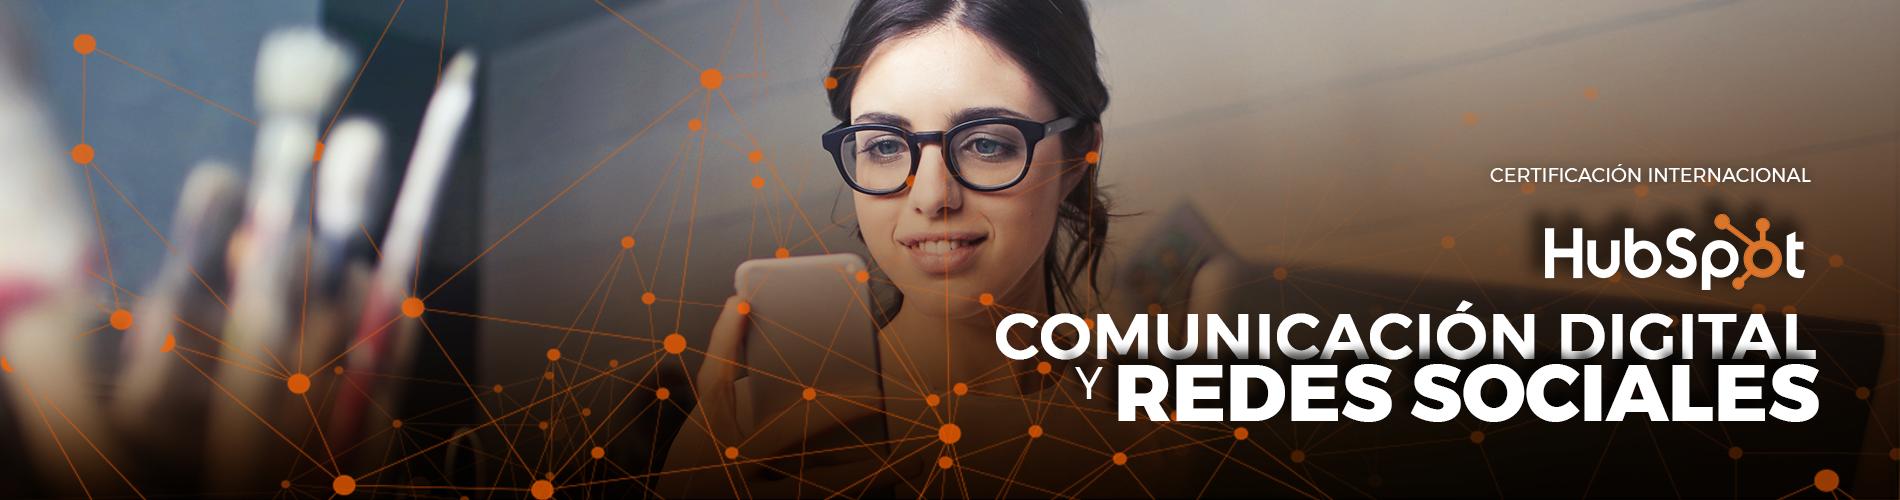 DBA_DIPLOMADOS_COMUNICACION Y REDES SOCIALES-1